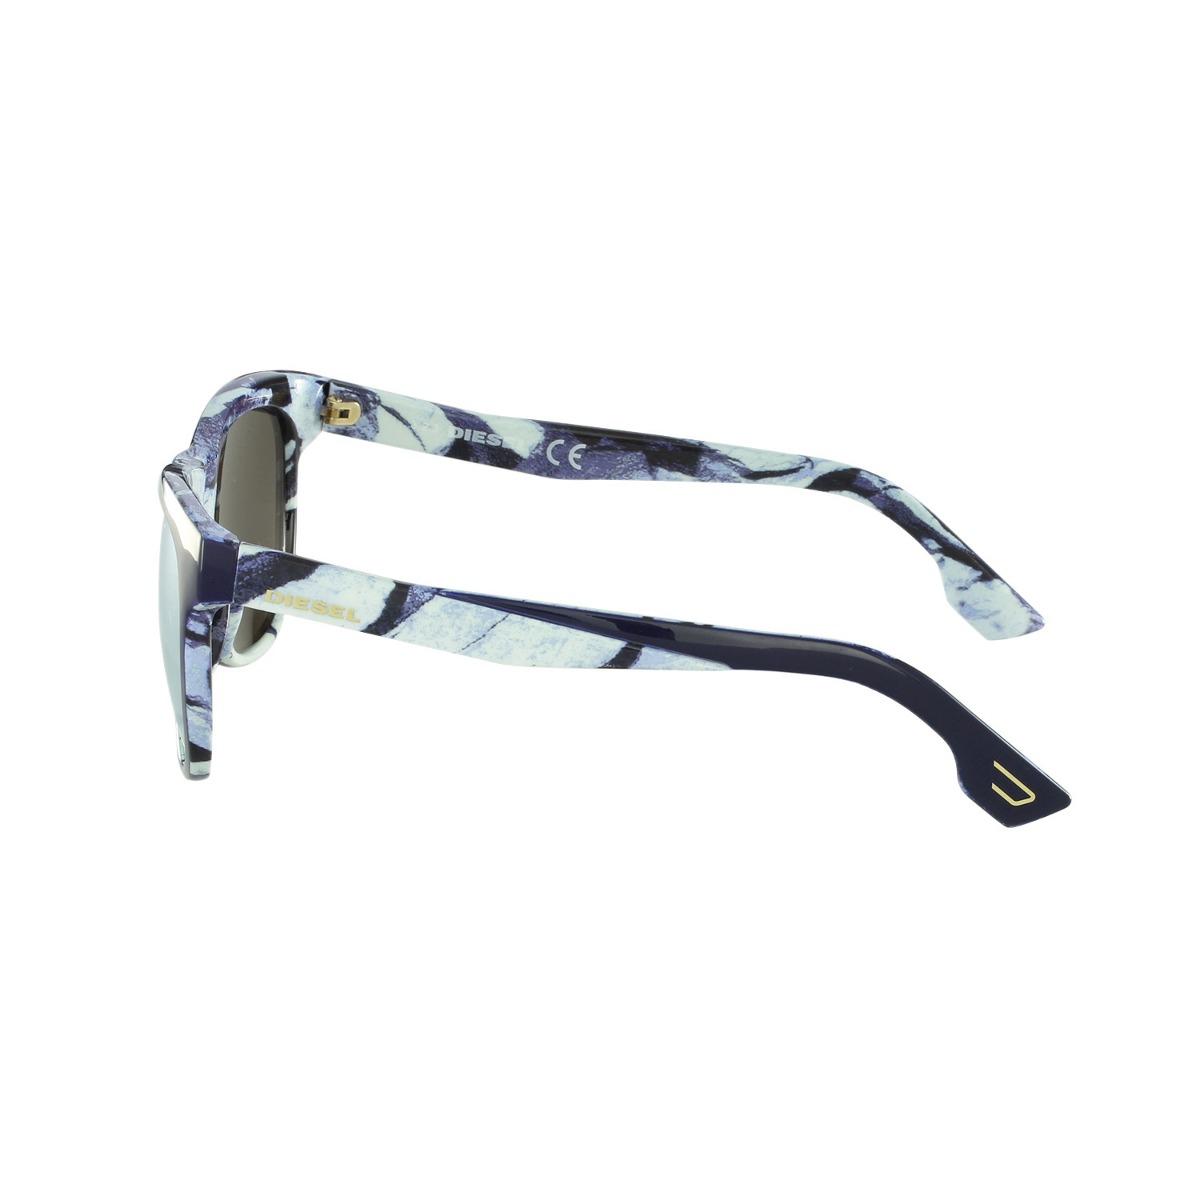 Óculos De Sol Diesel Casual Azul Dl0076 5690g - R  279,00 em Mercado ... b651e0c4da